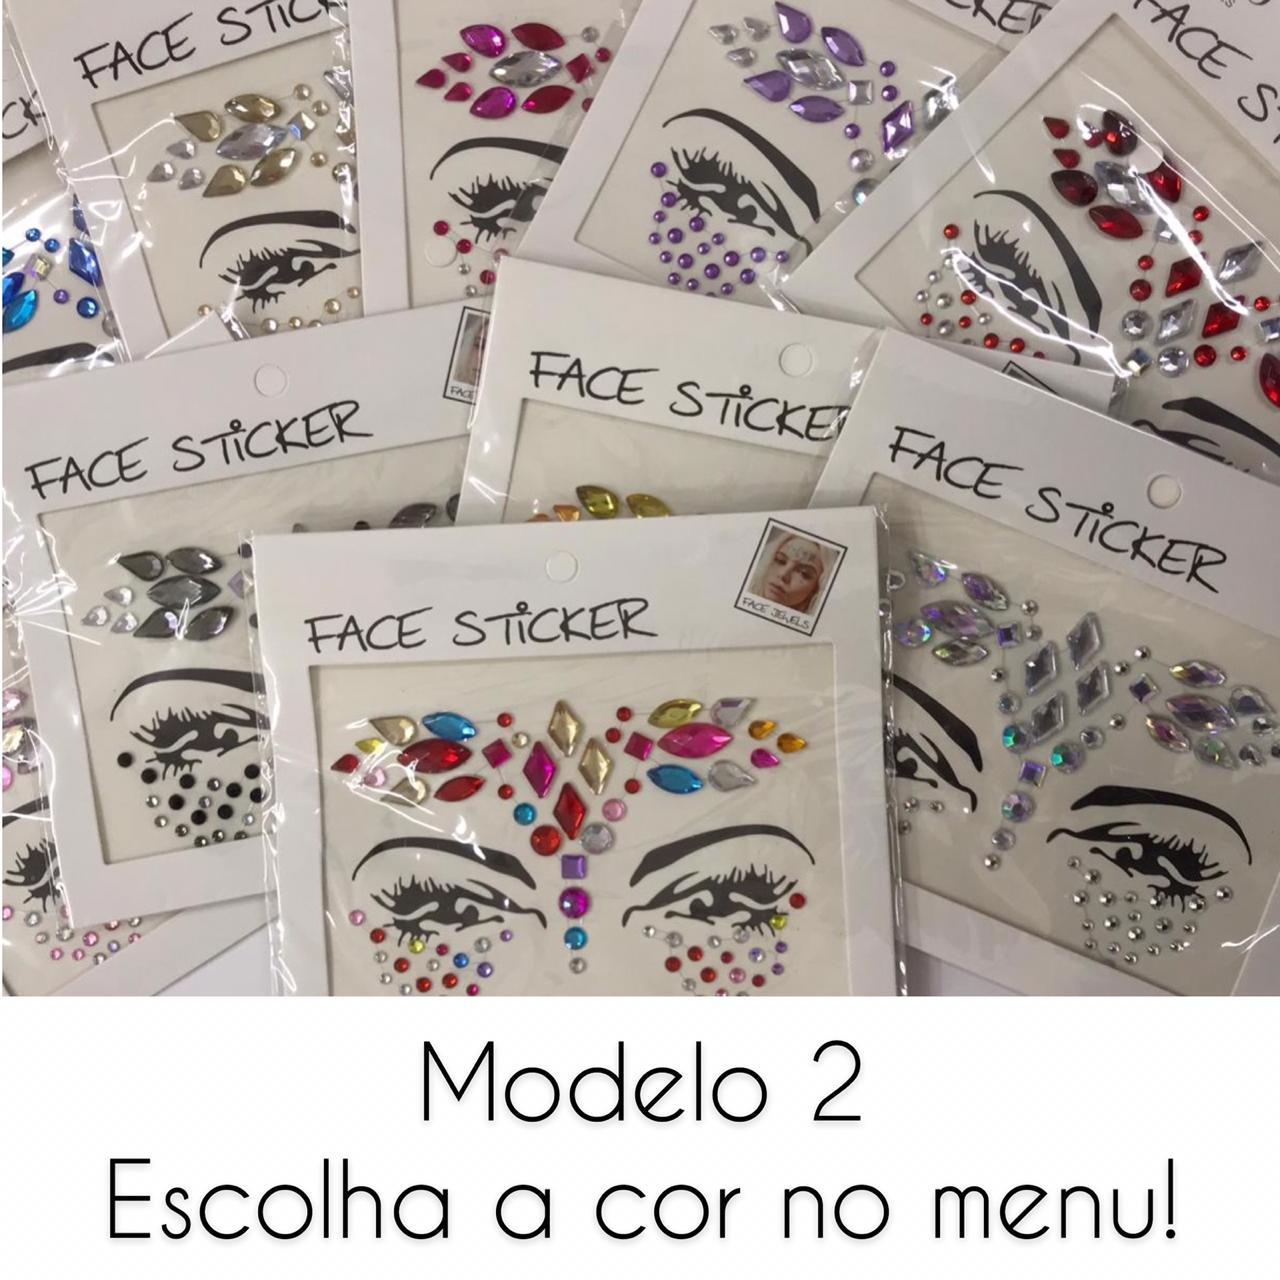 Pedrinhas Face Sticker Carnaval Modelo 2